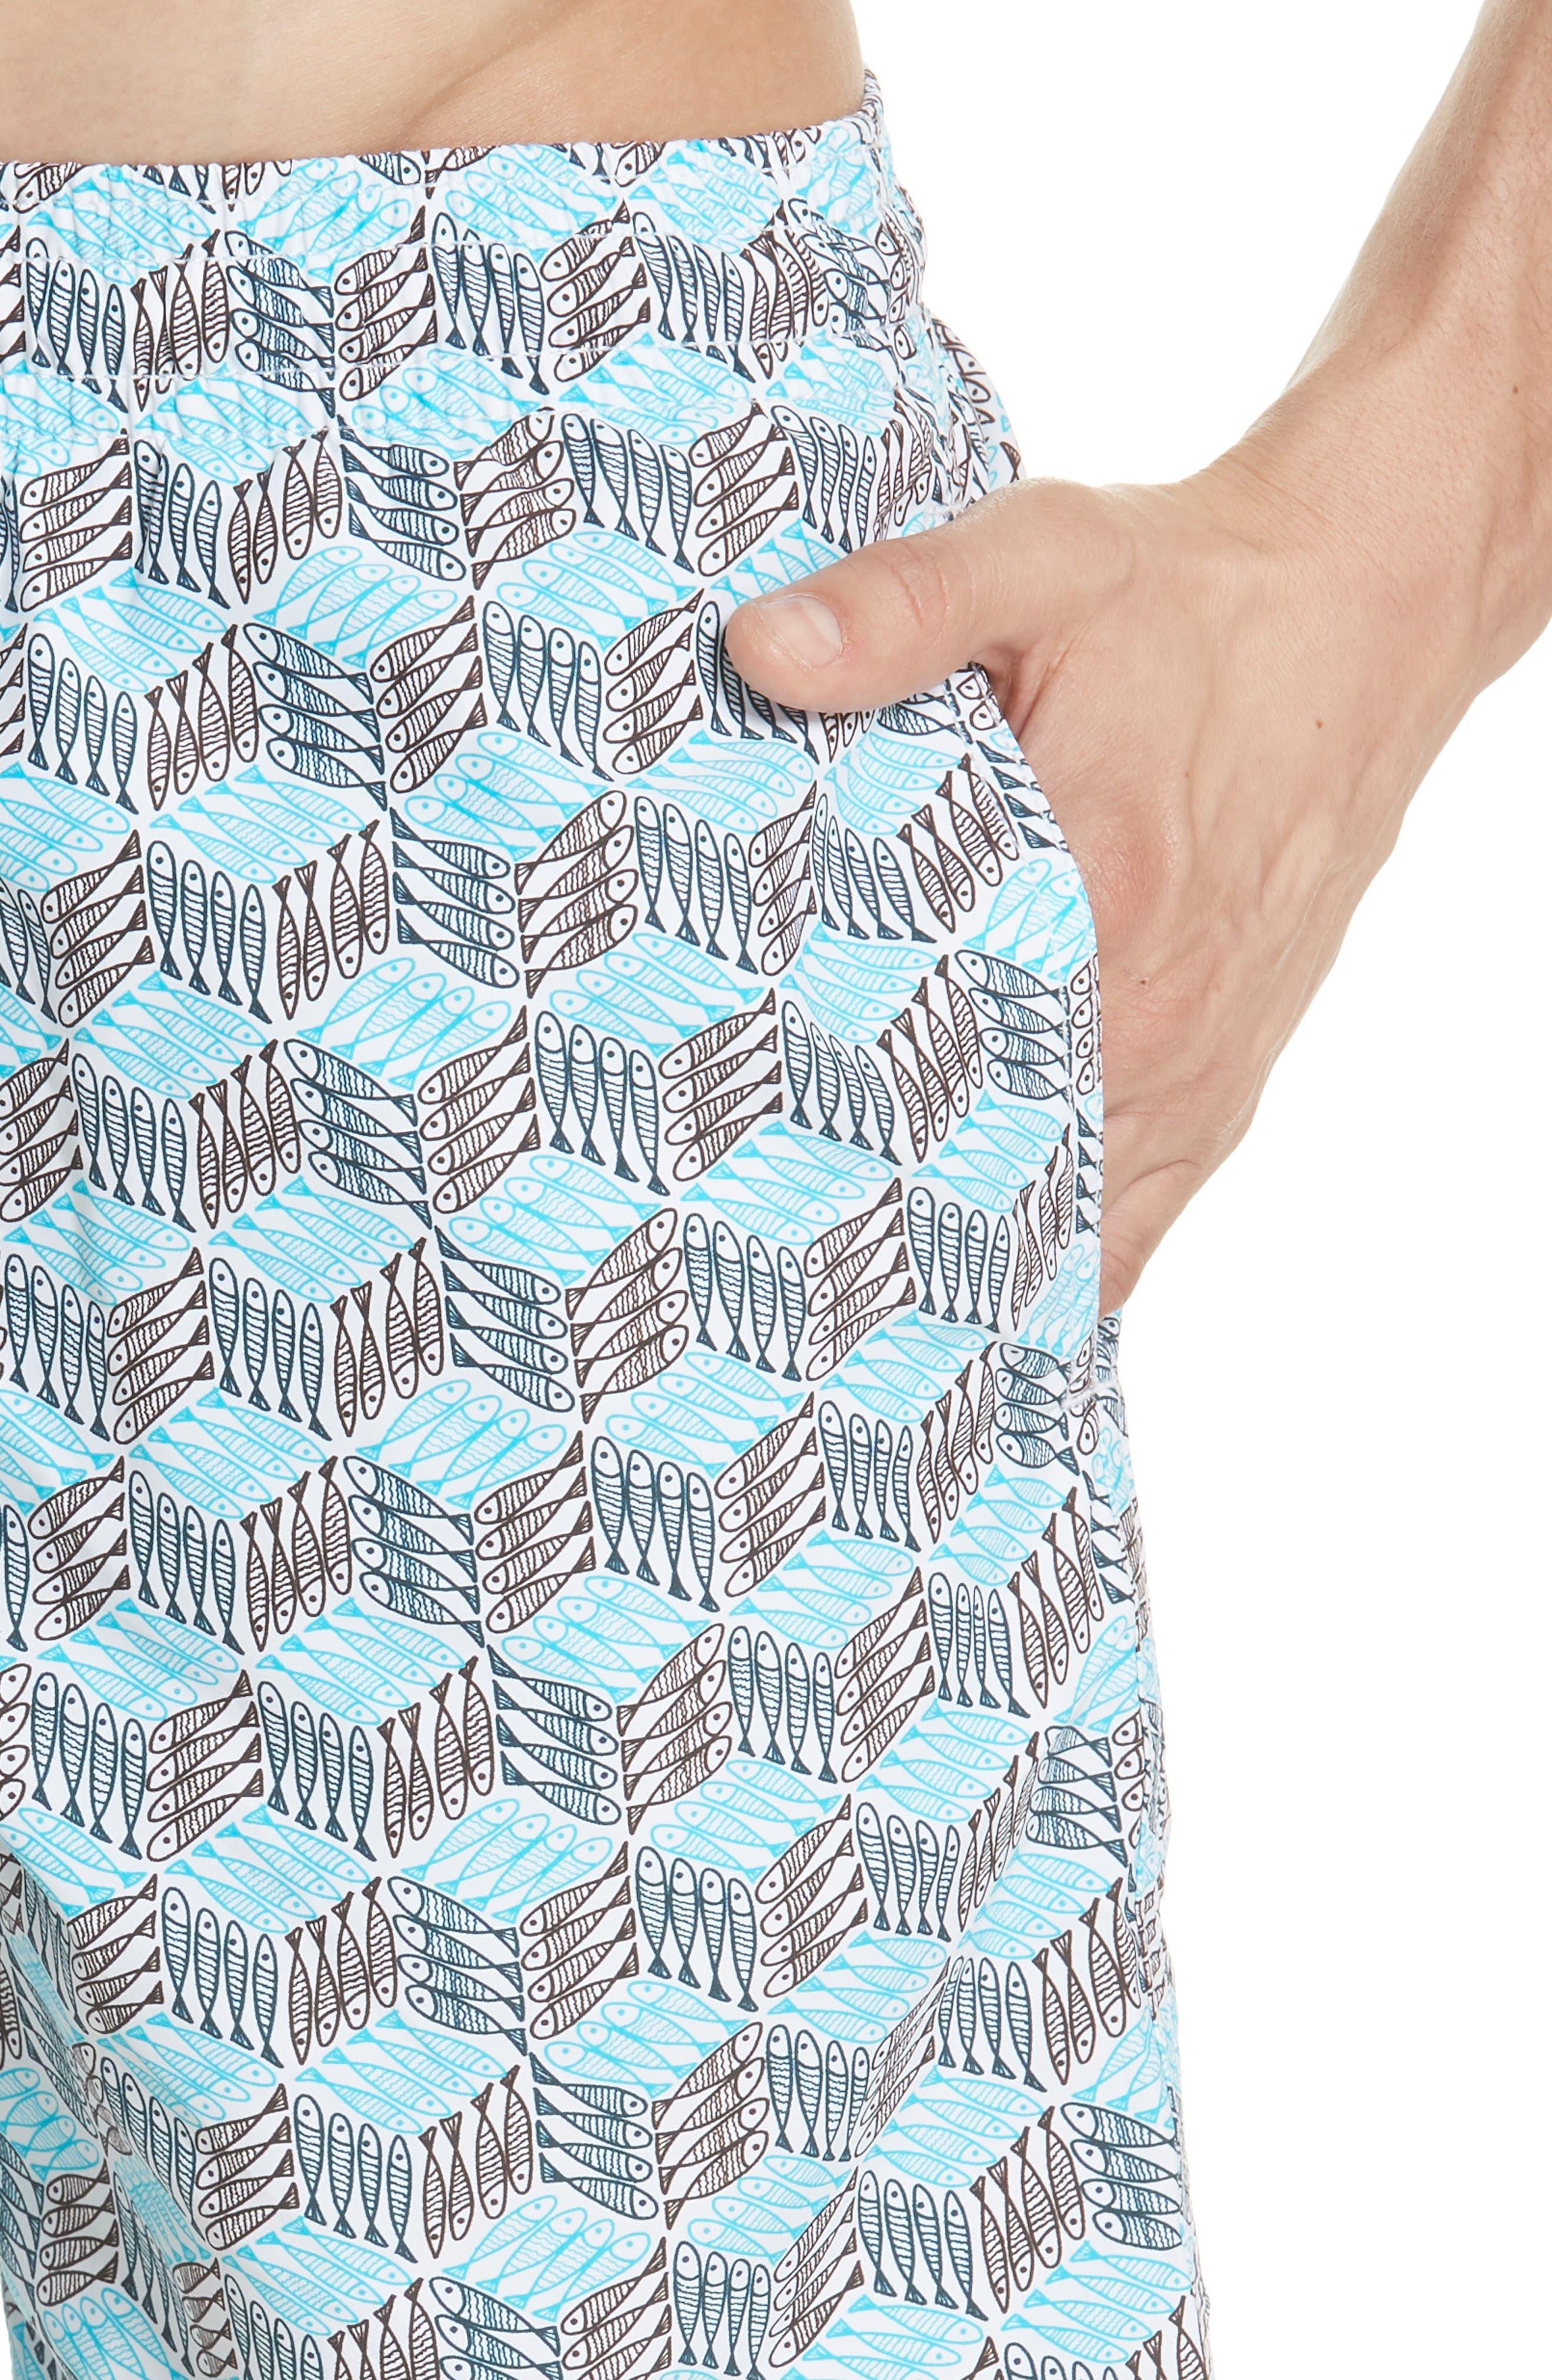 Fishes Cube Print Swim Trunks,                             Alternate thumbnail 4, color,                             432